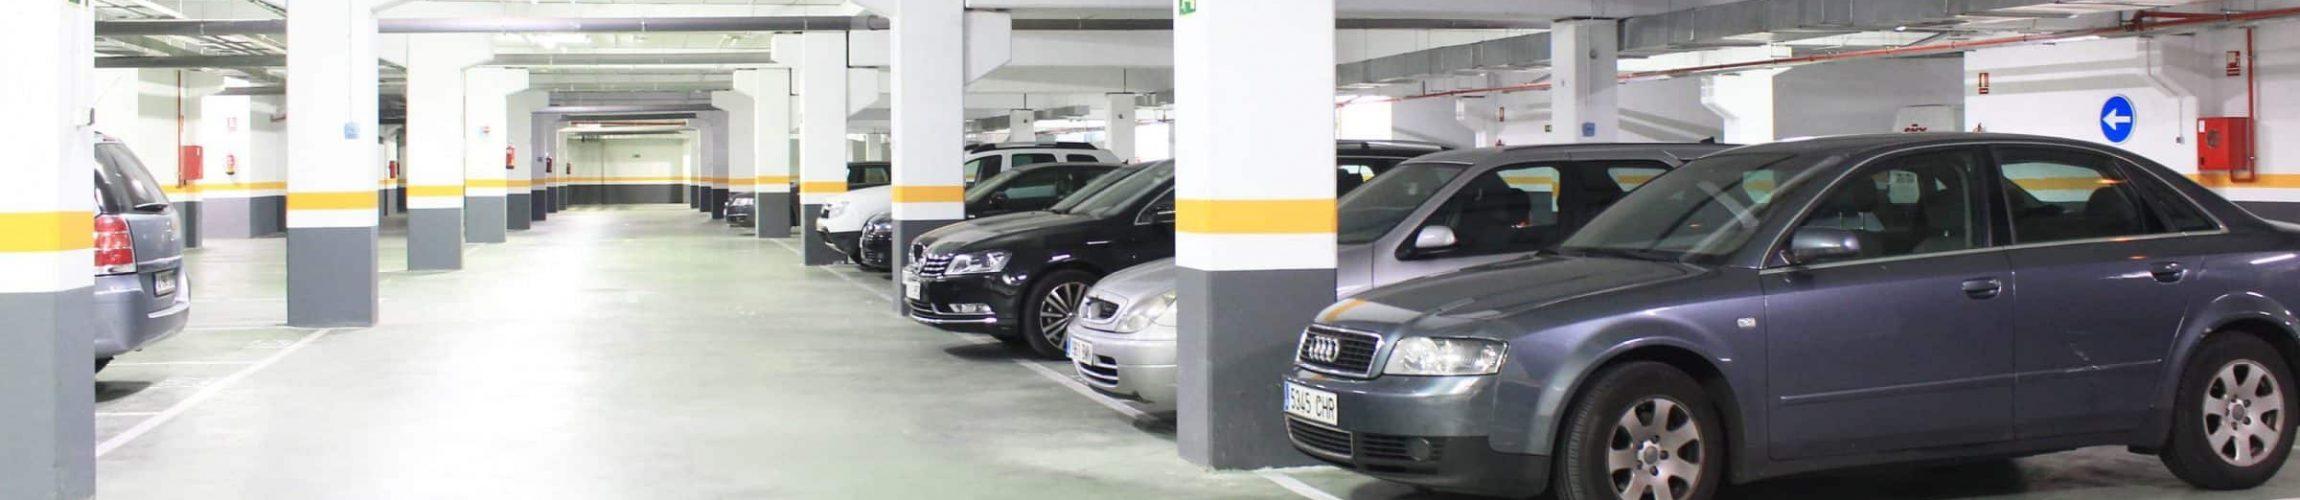 nuestros parking